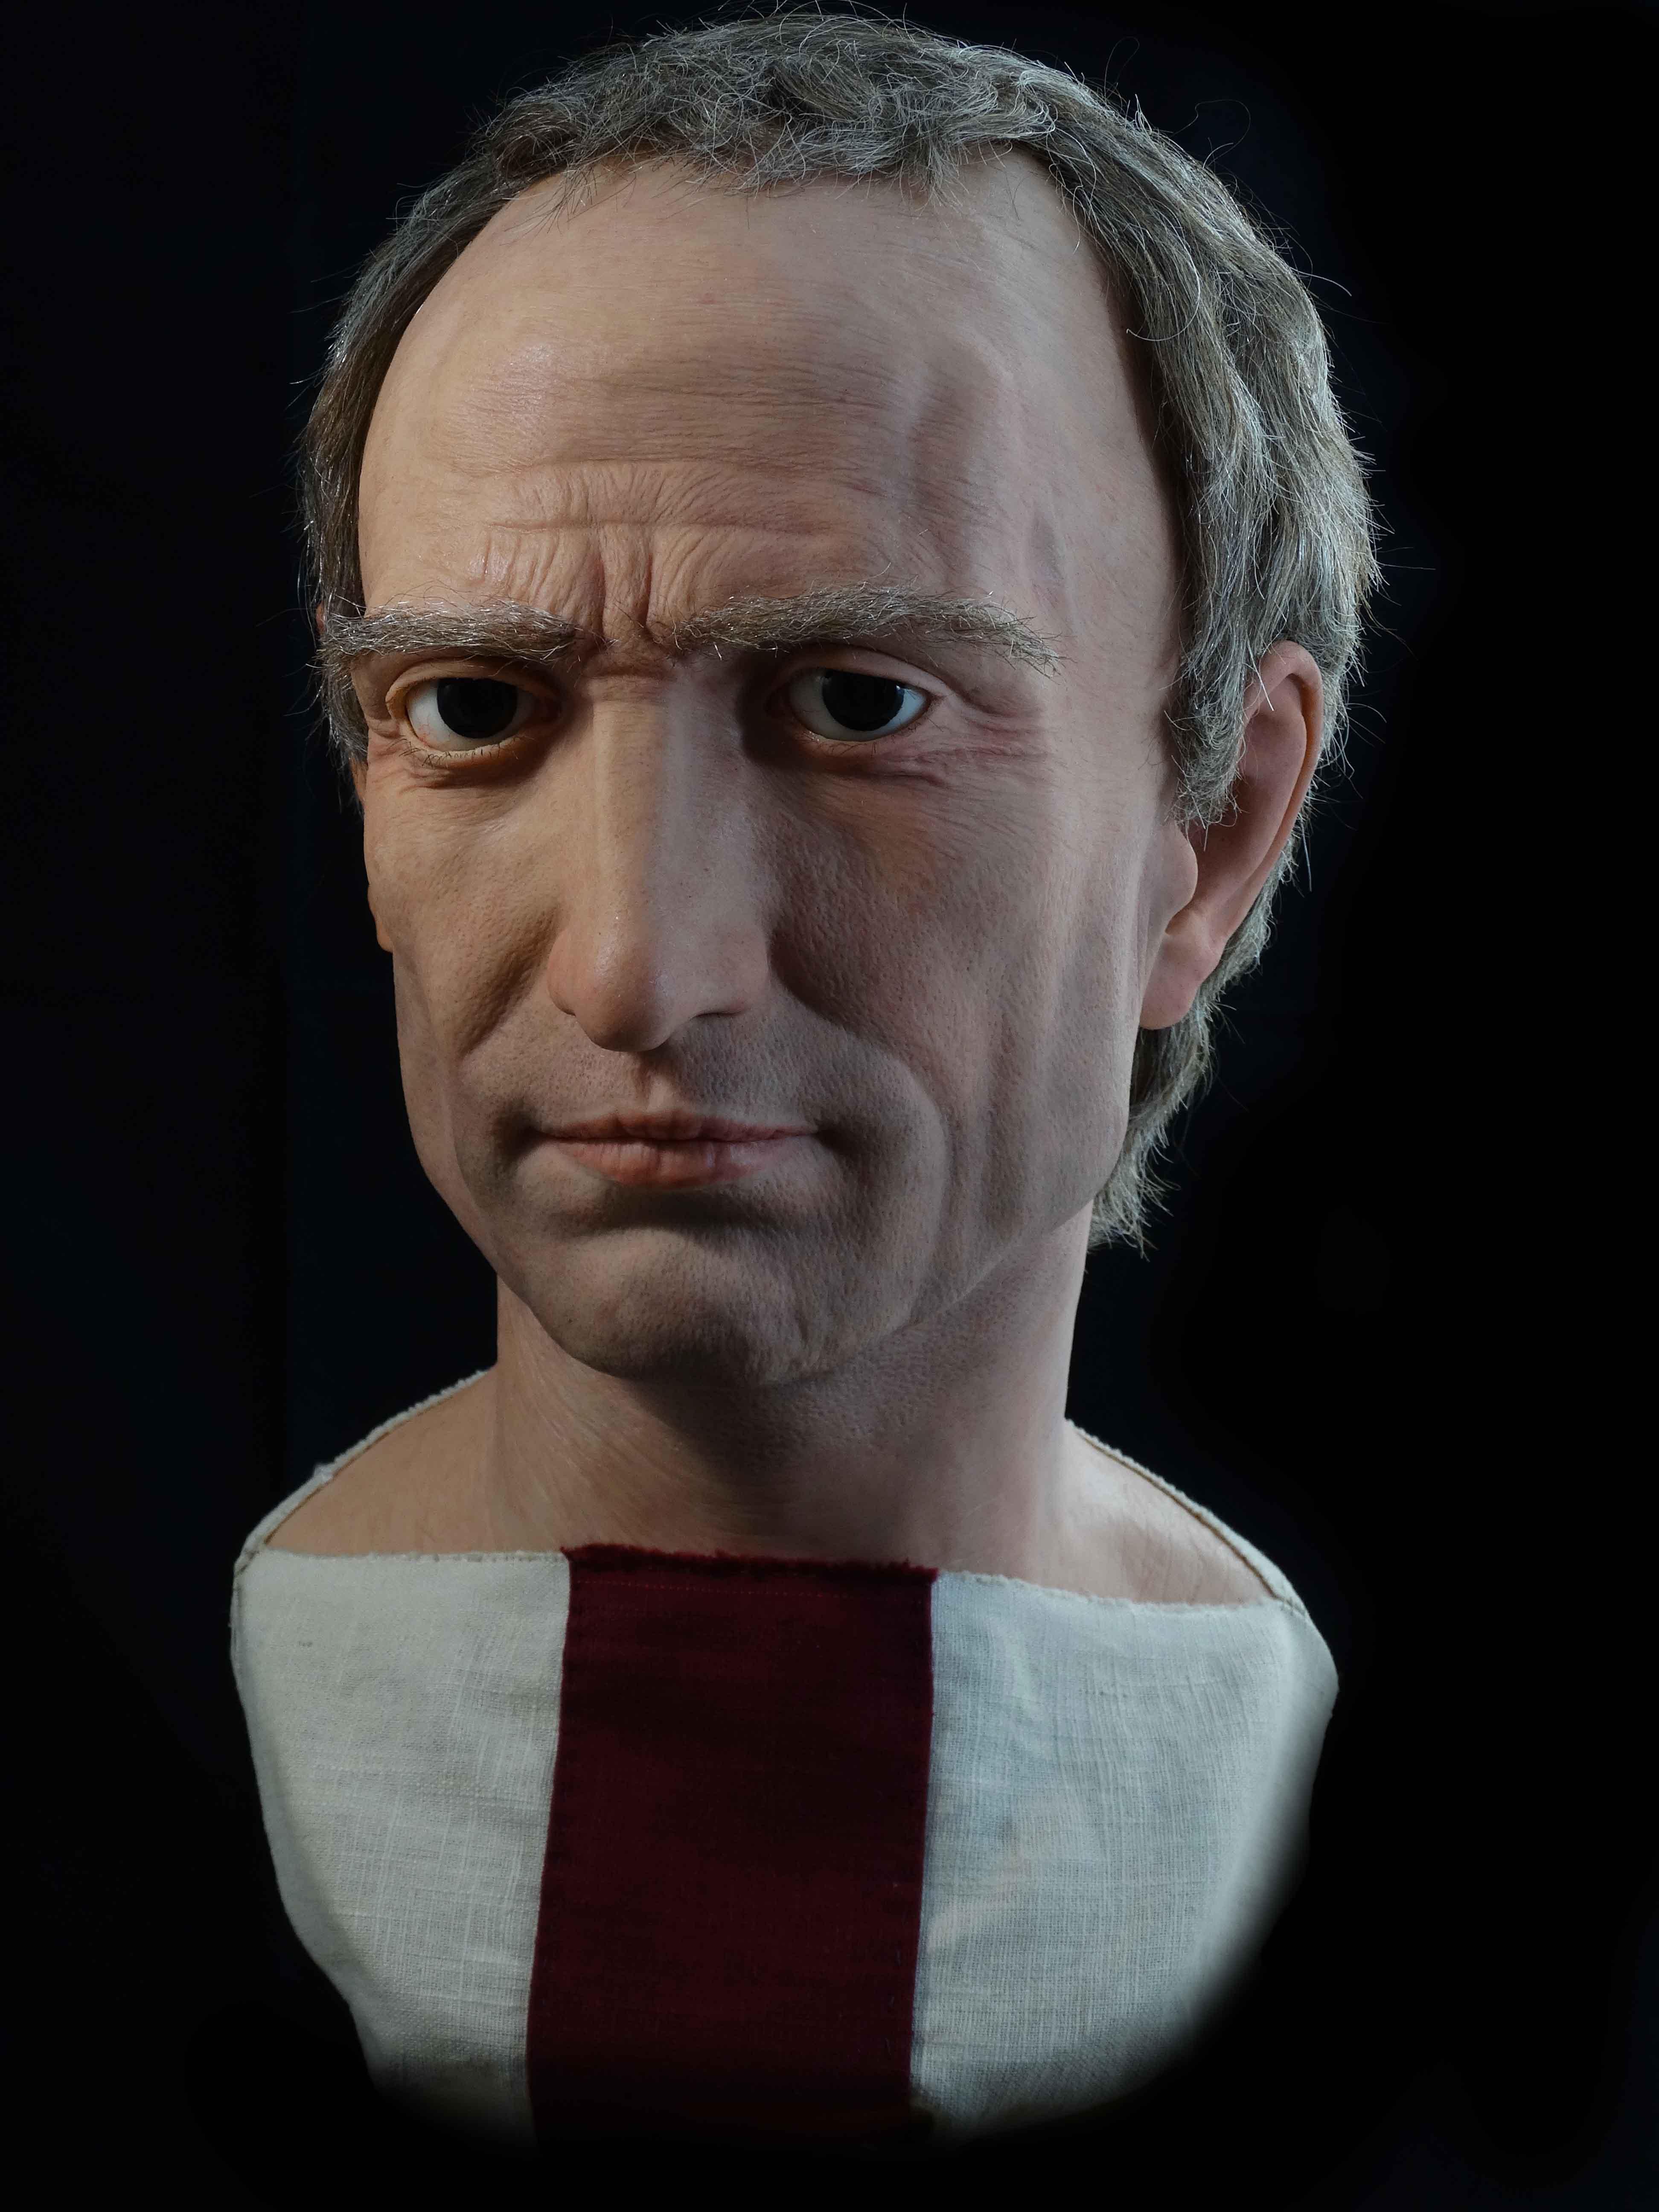 Убийците се надяват да възстановят нормалното управление на Републиката, но предизвикват нова гражданска война, която води до установяване на постоянна автокрация от страна на осиновения Цезаров наследник Гай Октавиан. През 42 пр.н.е., две години след убийството му, Цезар е обожествен от Сената.